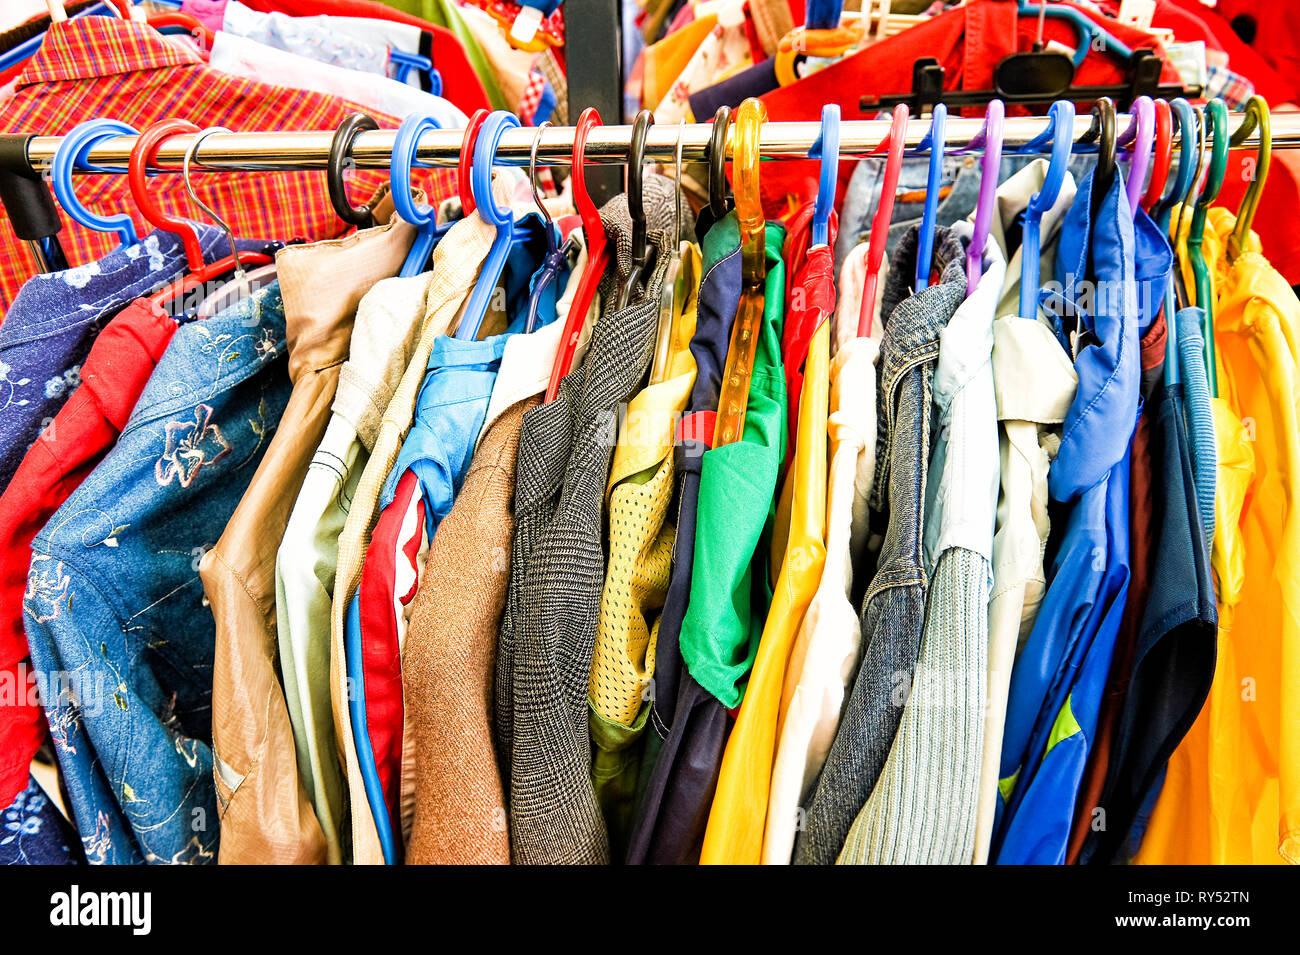 Auf einer Kleiderstange haengen buten Damen- und Herrenoberteile. - Stock Image